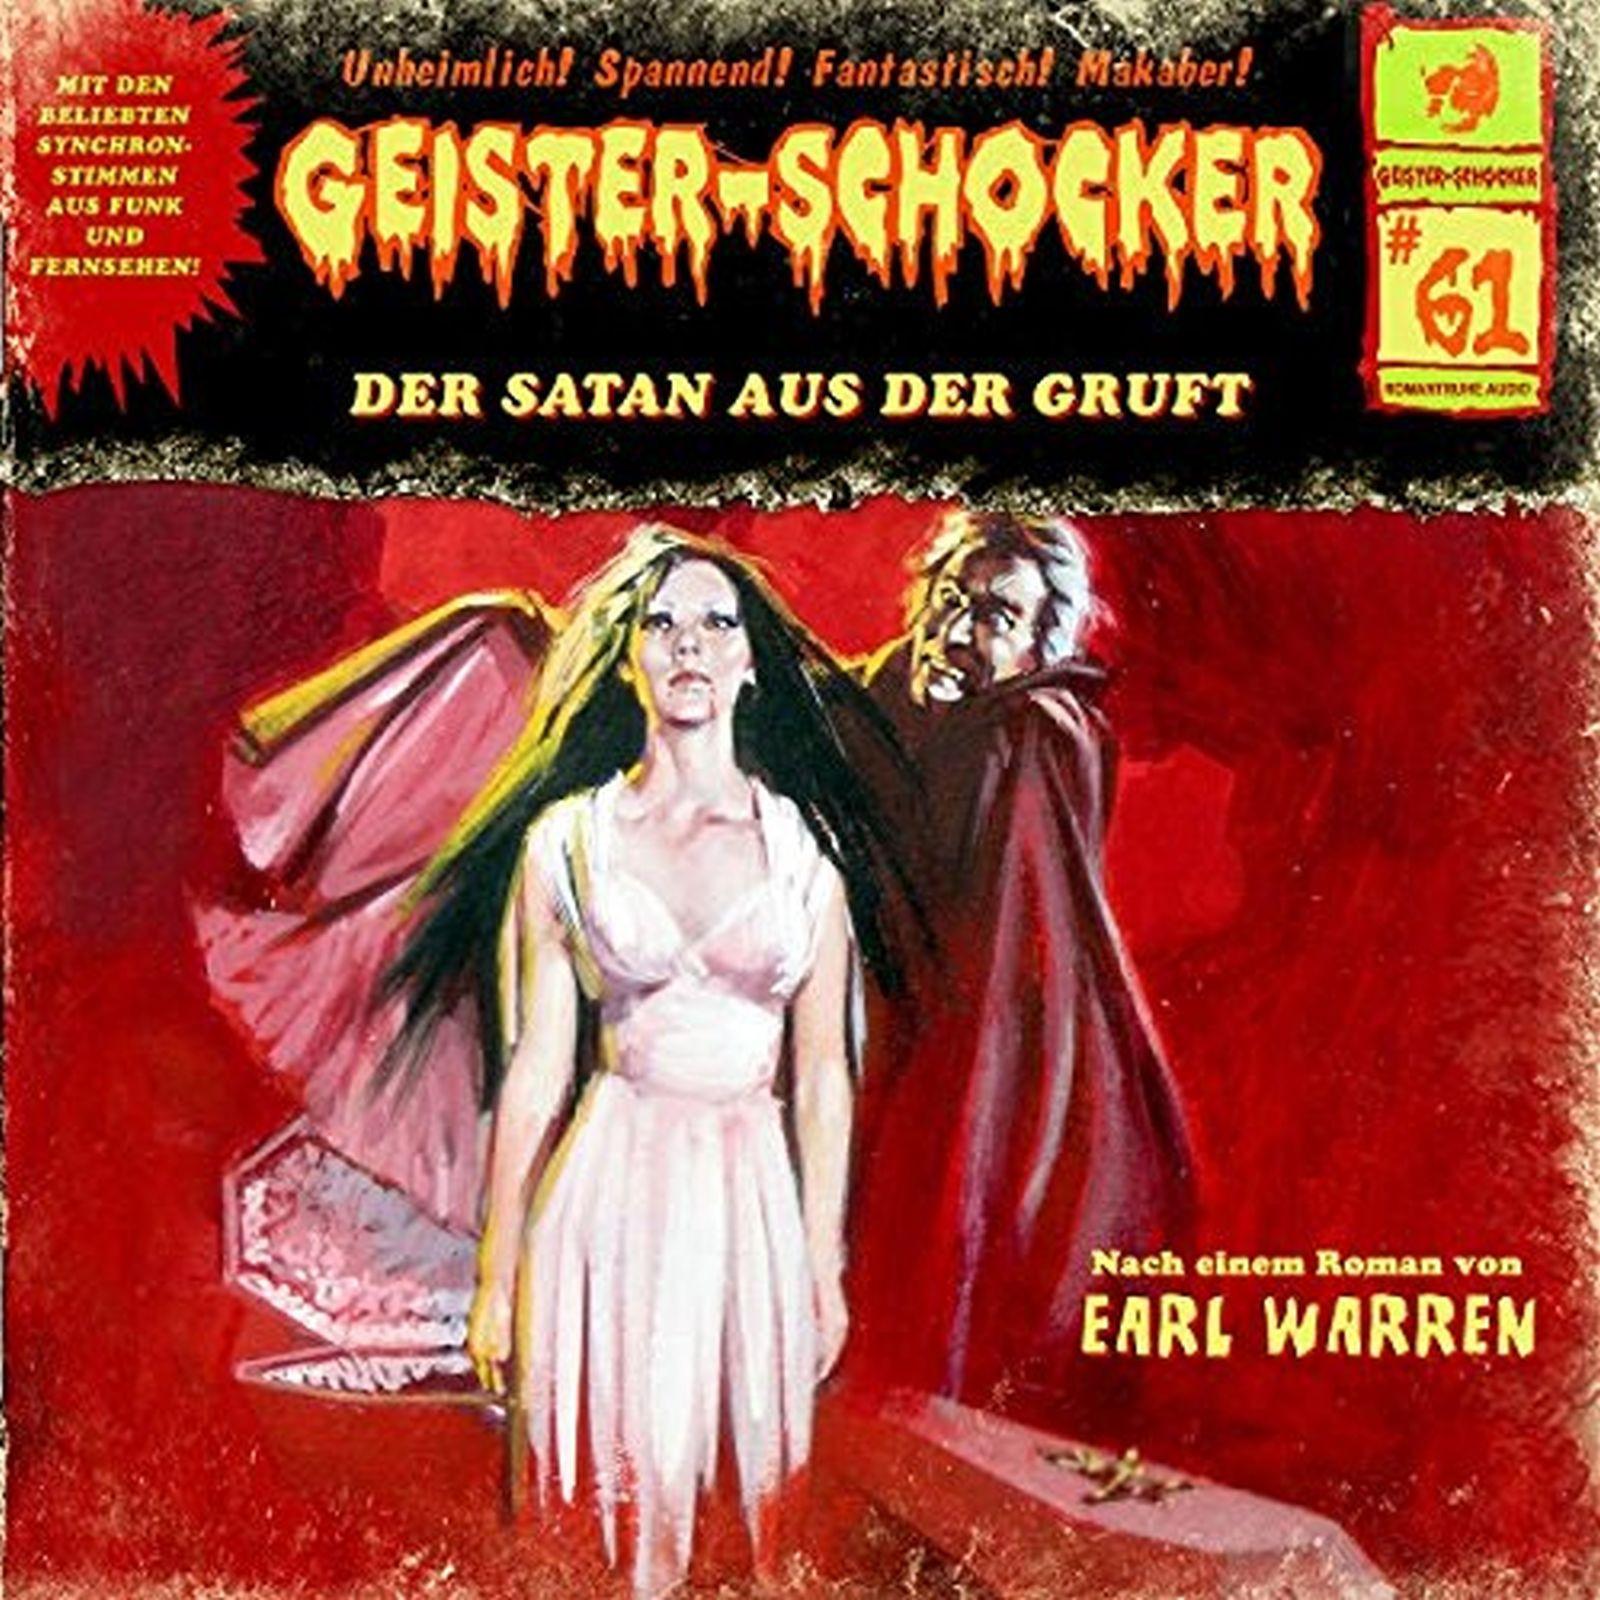 Geister-Schocker 61 Der Satan aus der Gruft